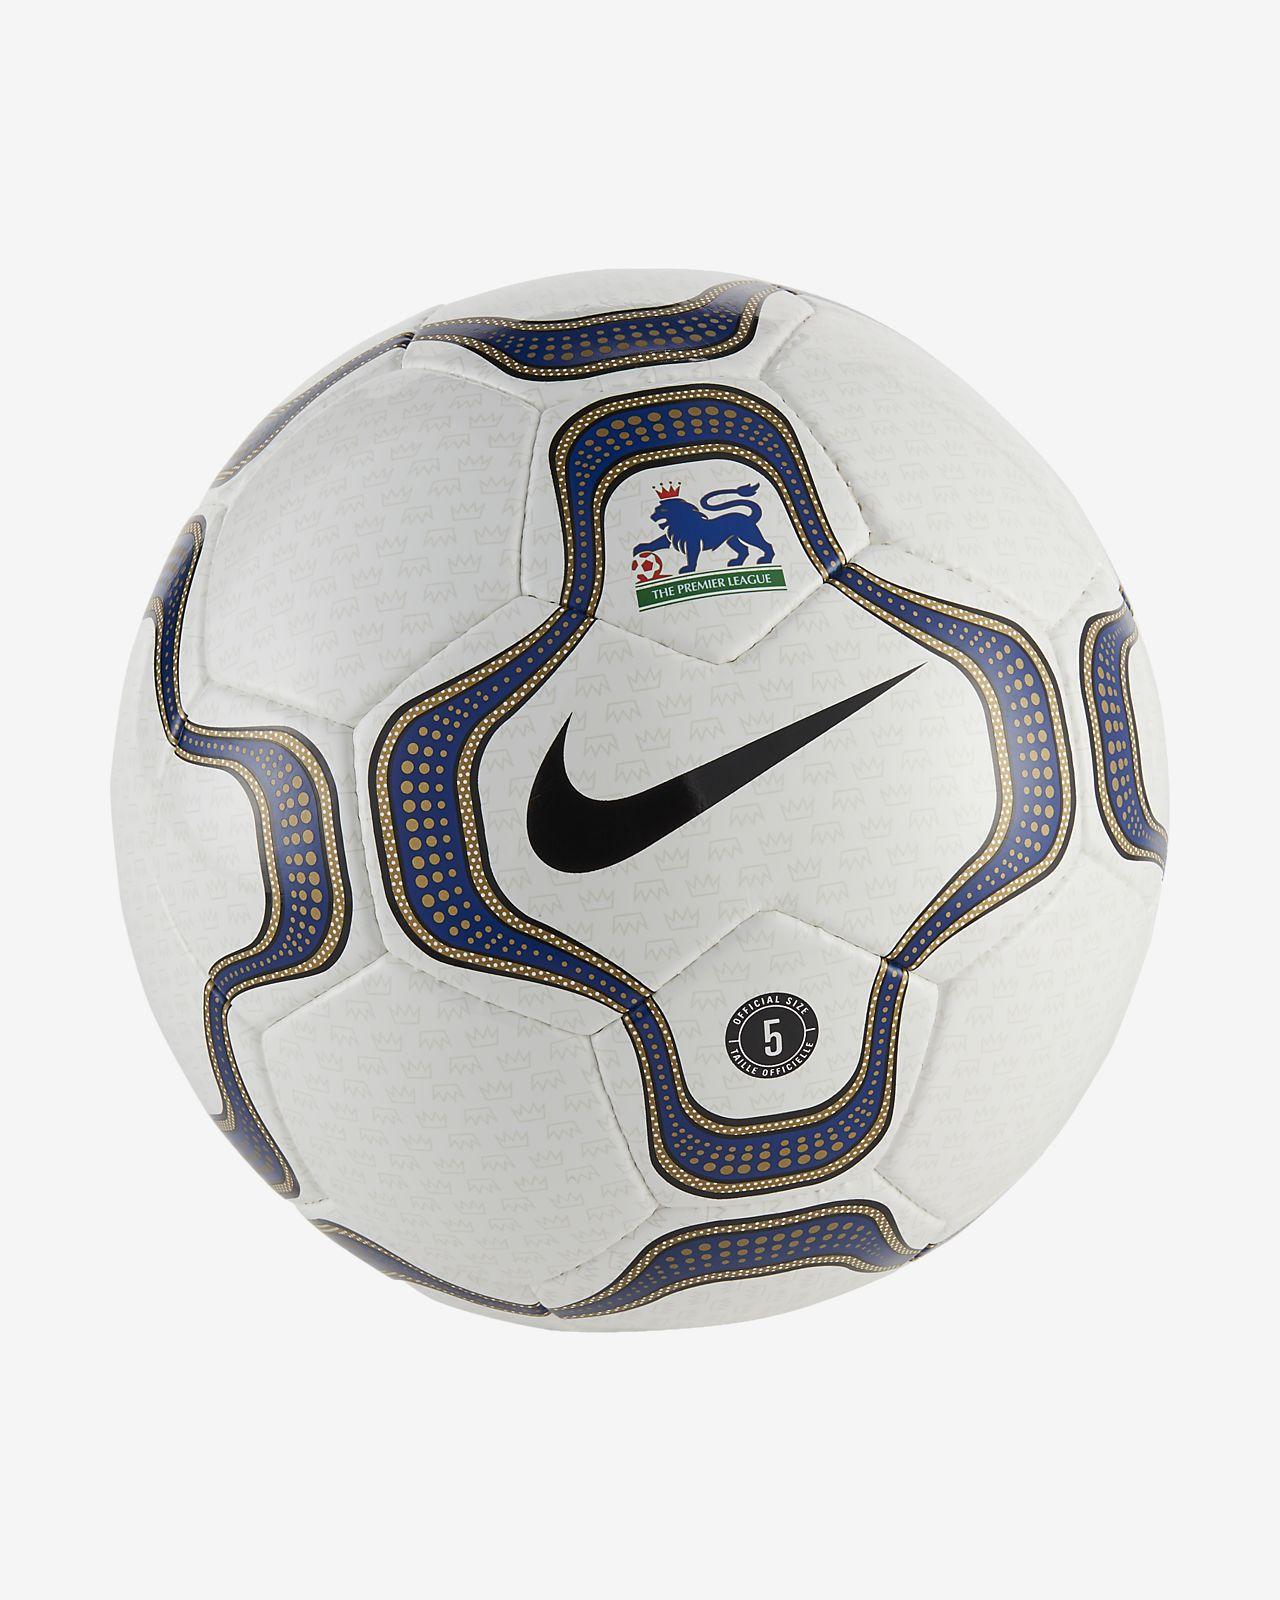 プレミア リーグ ジオ マーリン サッカーボール